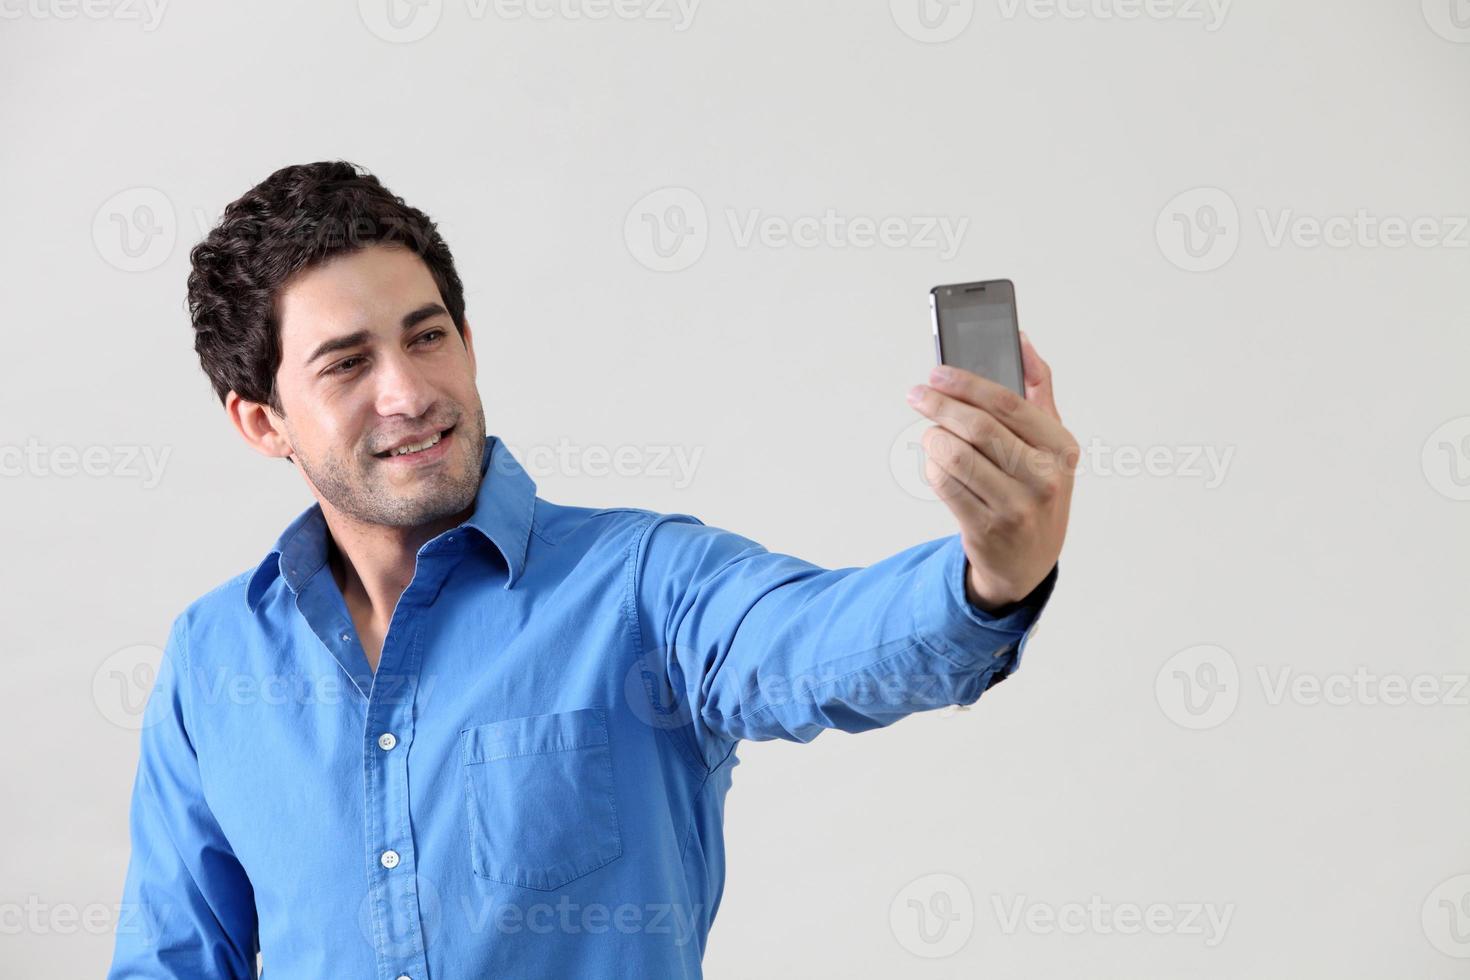 autoportrait photo